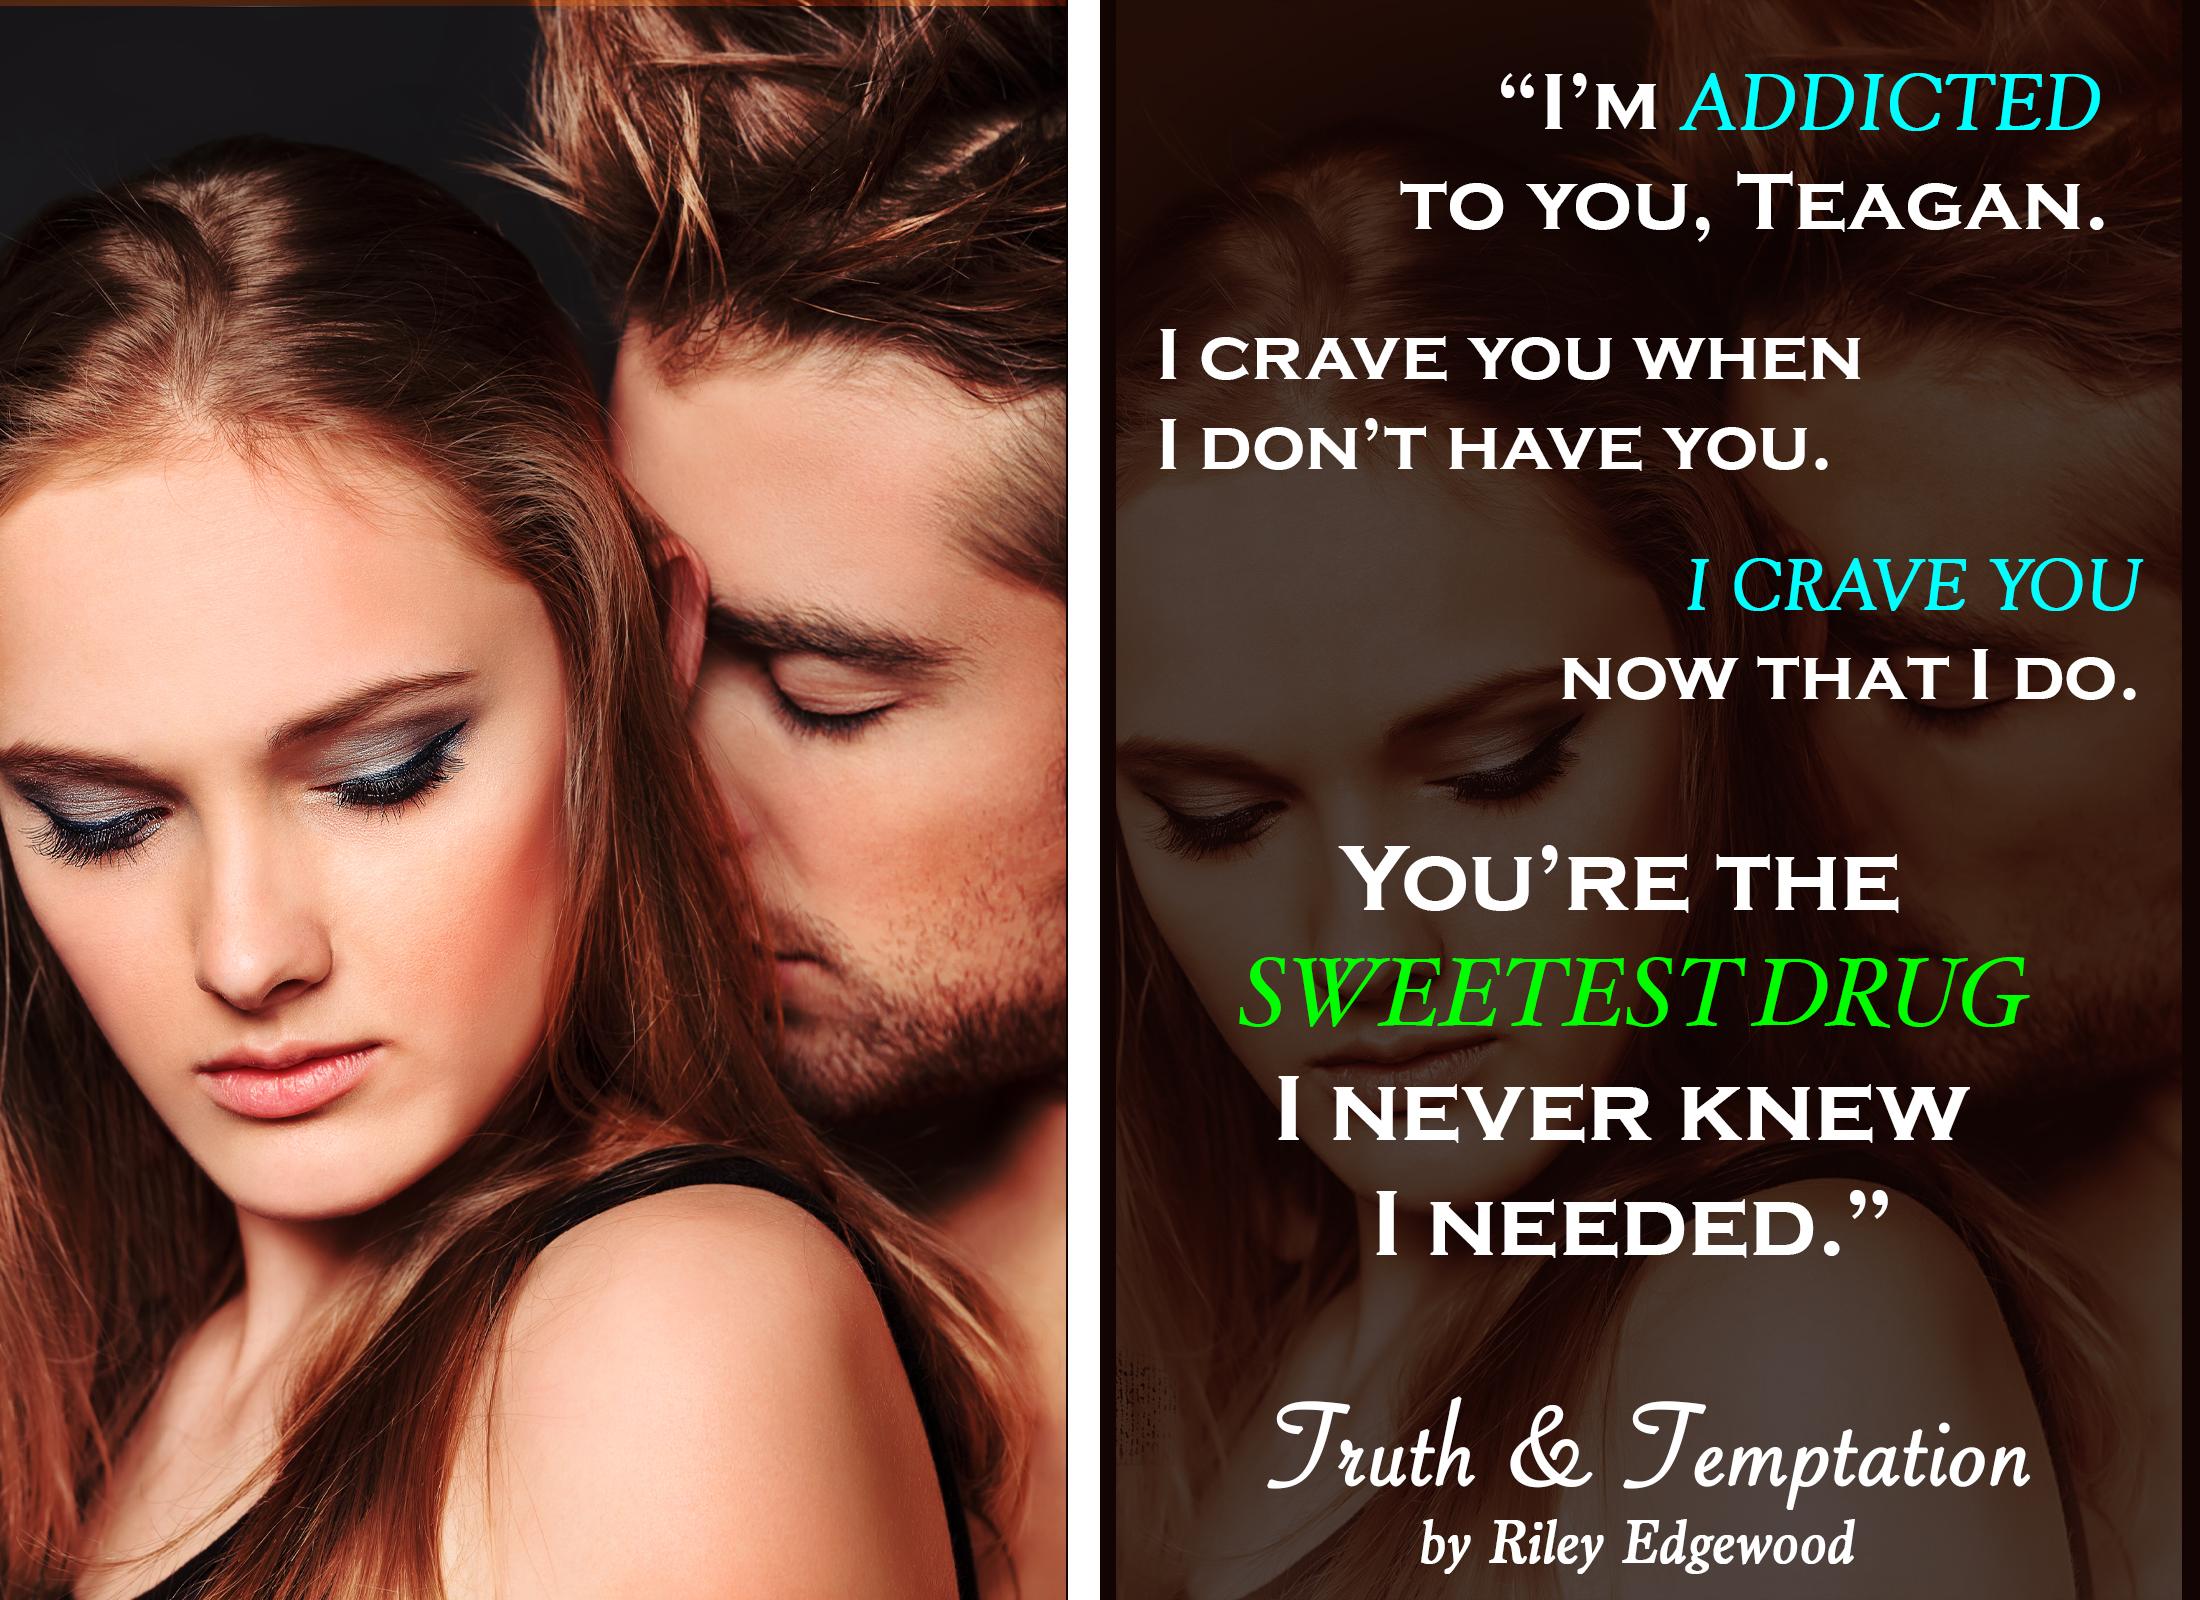 Truth & Temptation teaser2.jpg